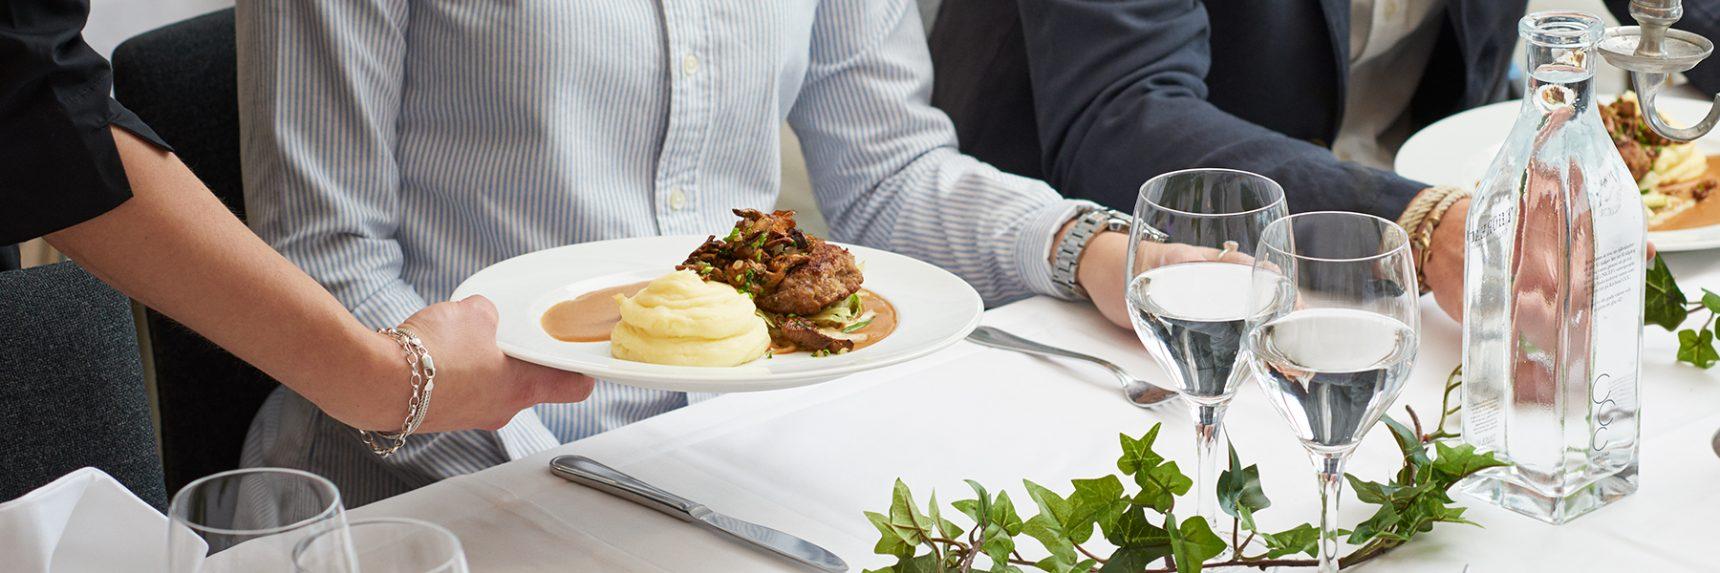 Gäster blir serverade vid bord